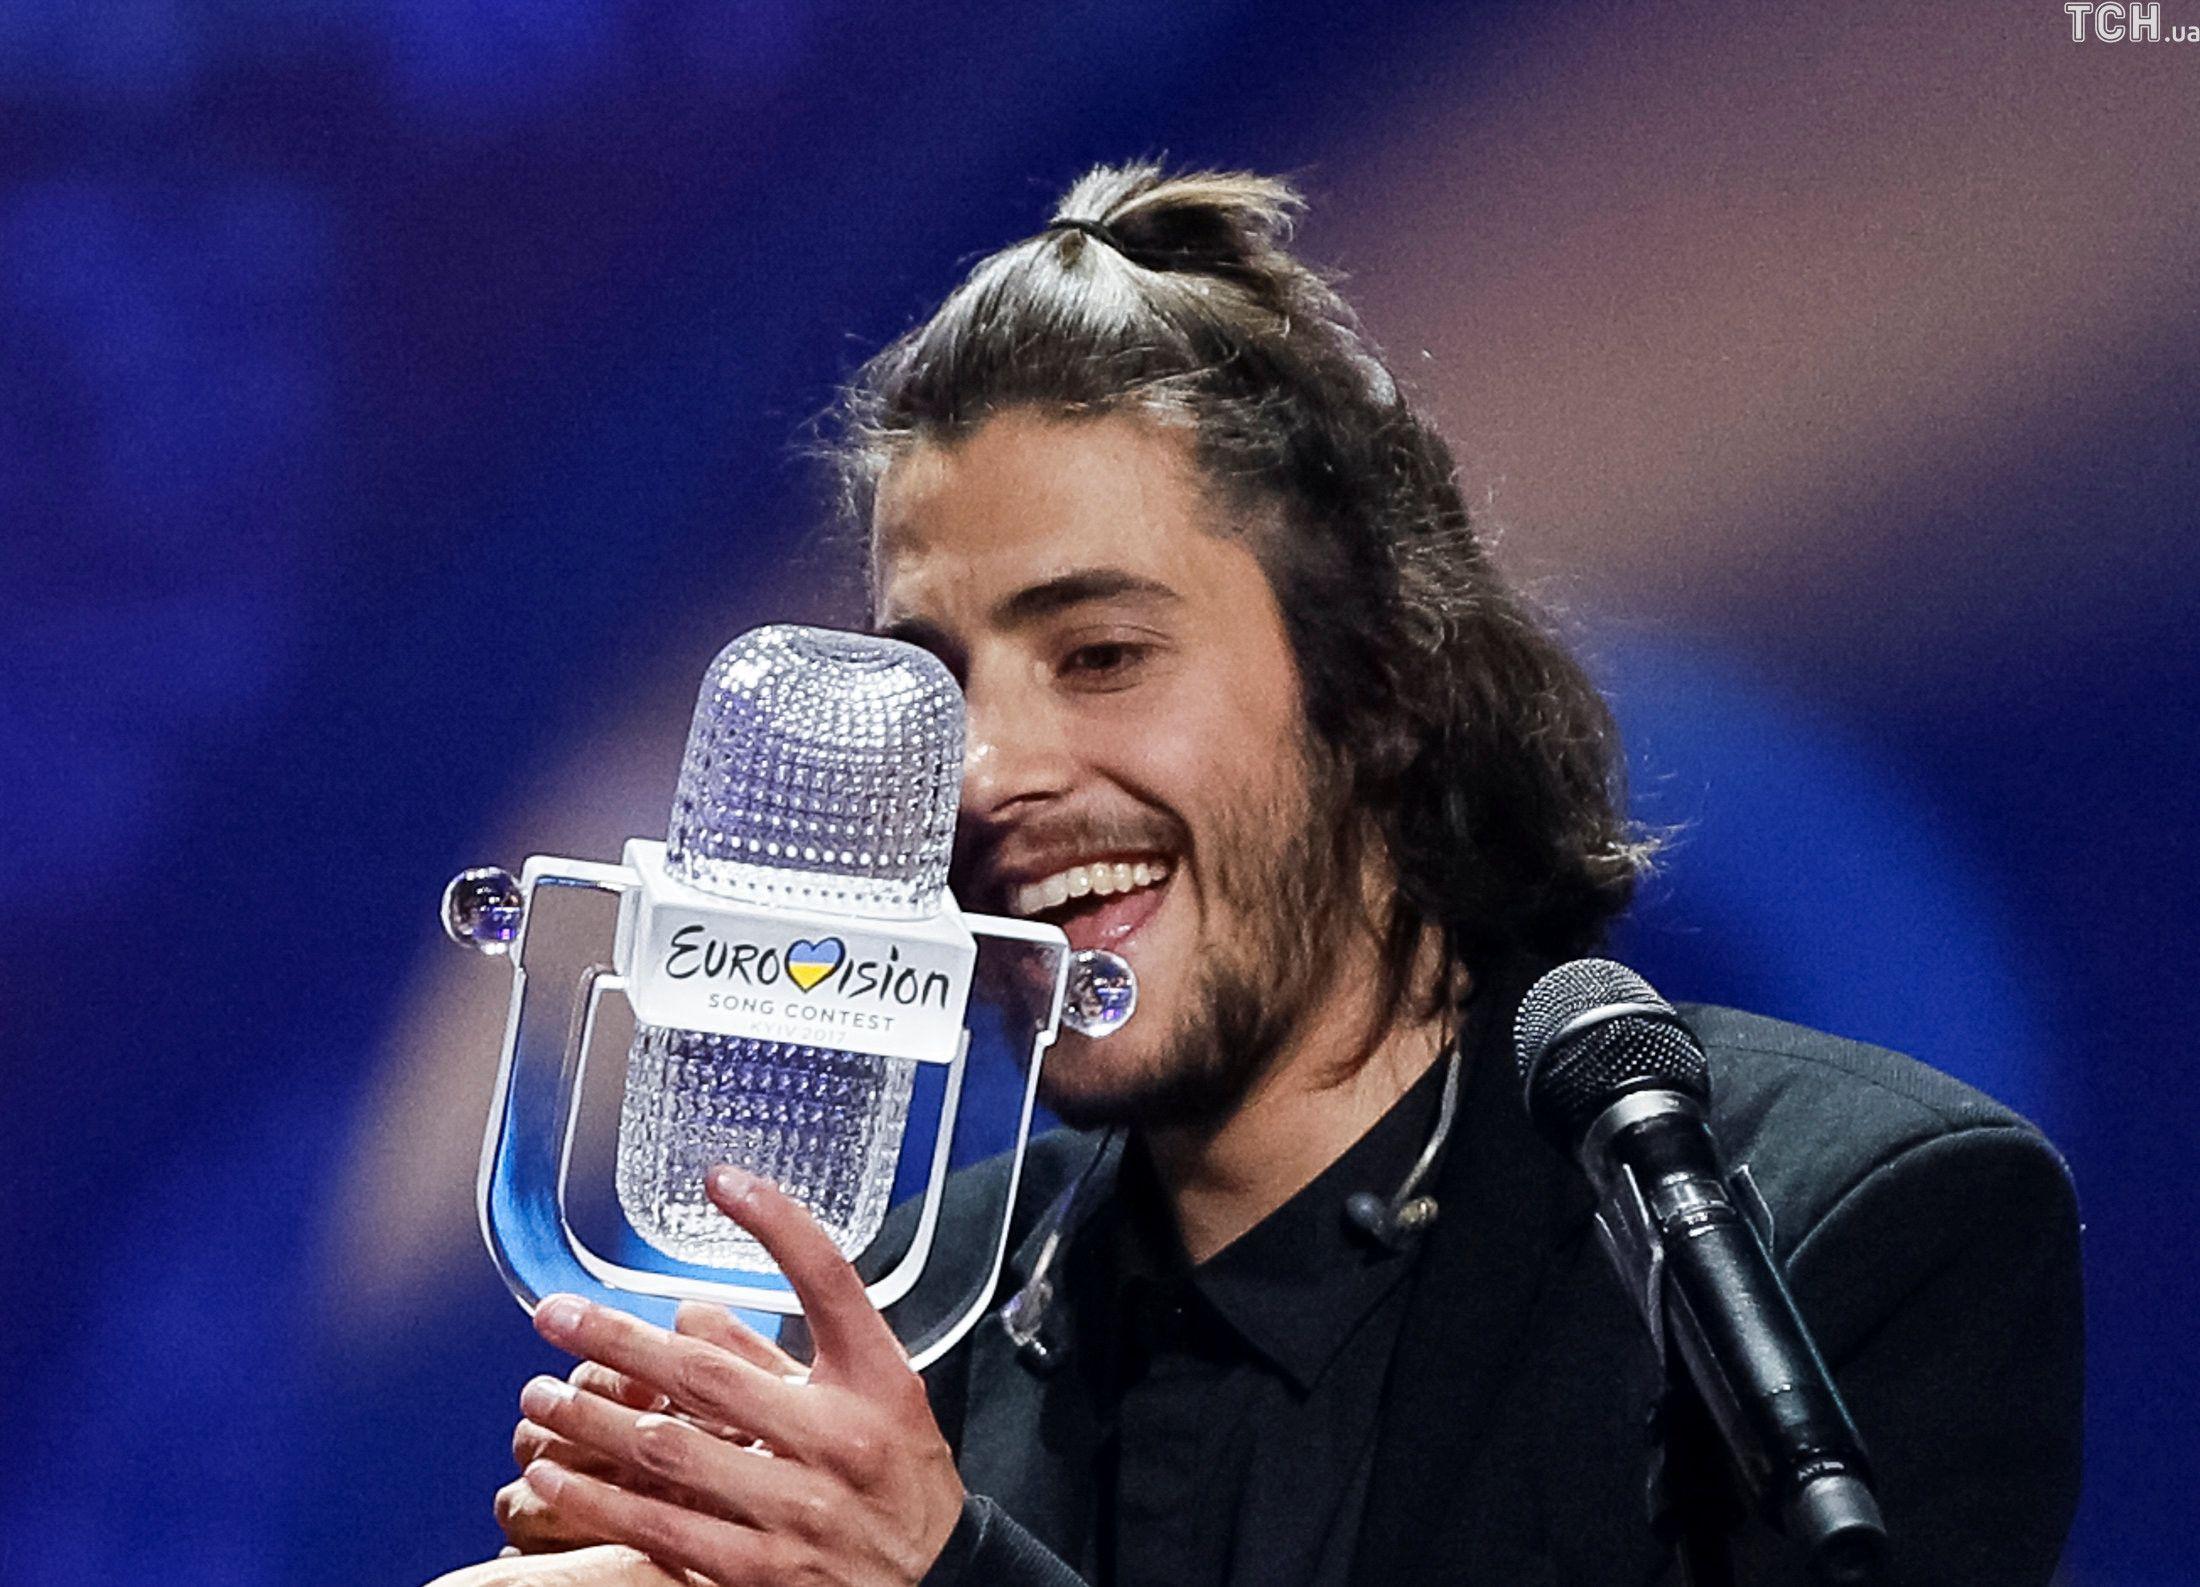 """Сальвадор Собрал """"Євробачення-2017"""" прес-конференція_5"""